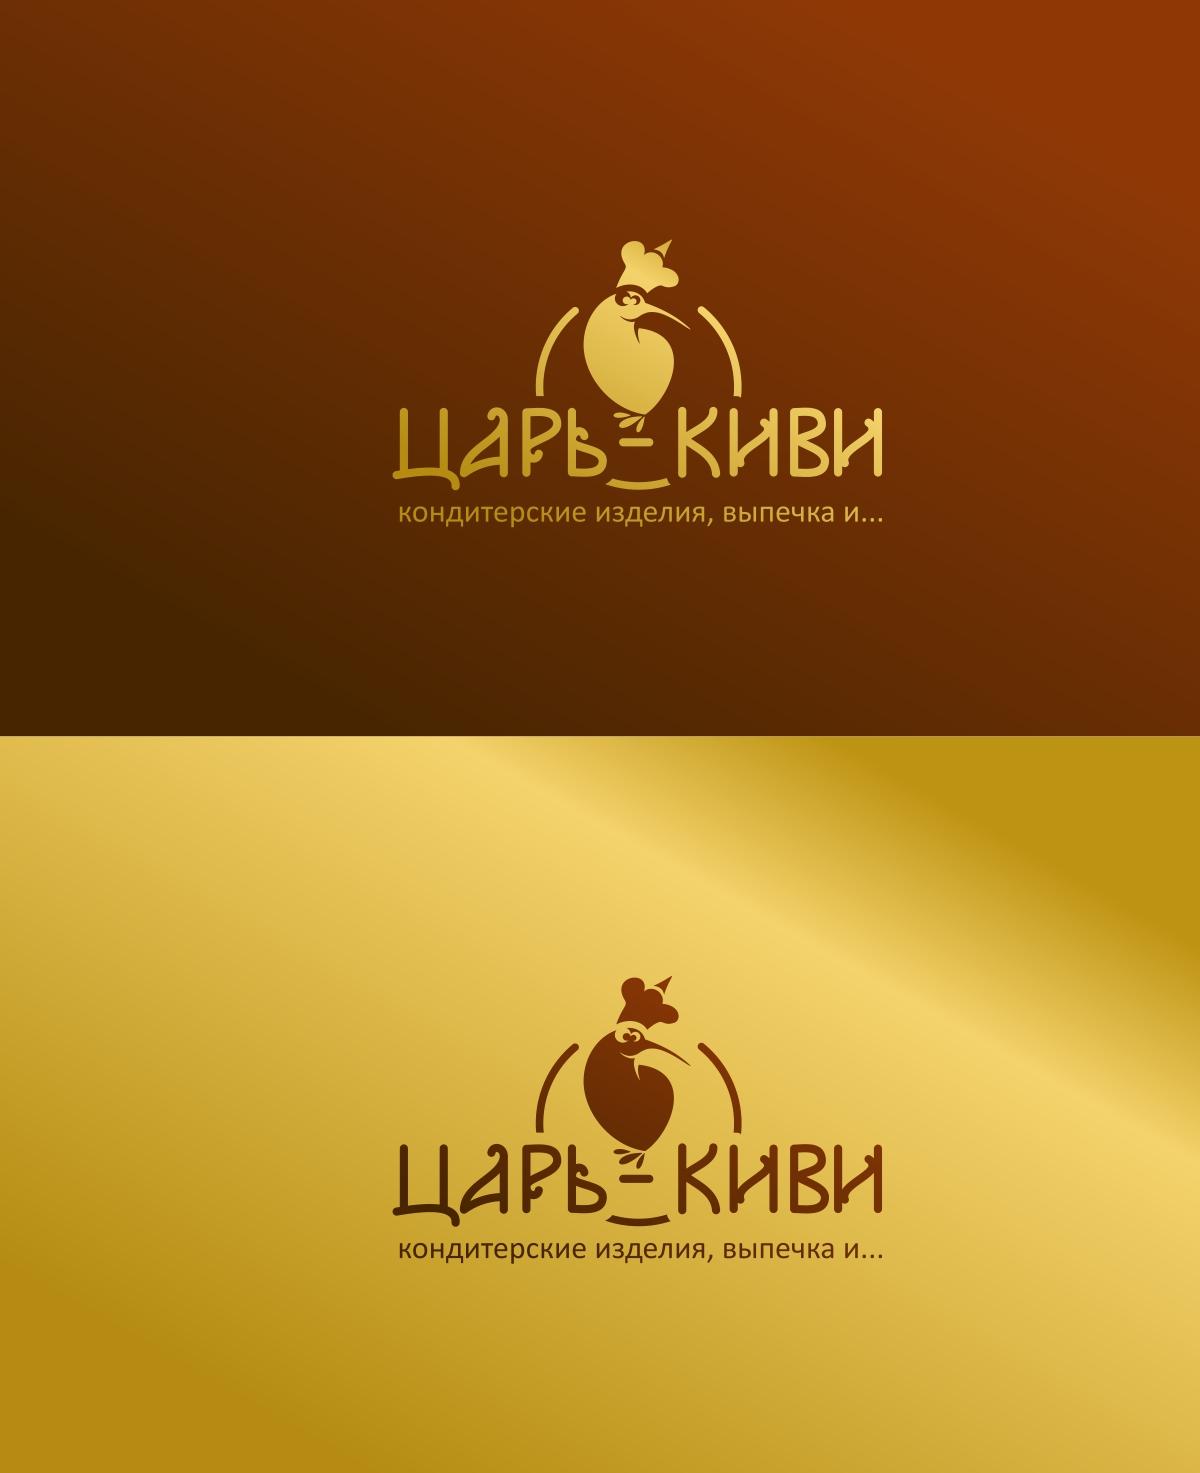 """Доработать дизайн логотипа кафе-кондитерской """"Царь-Киви"""" фото f_5205a09ee41dfbab.jpg"""